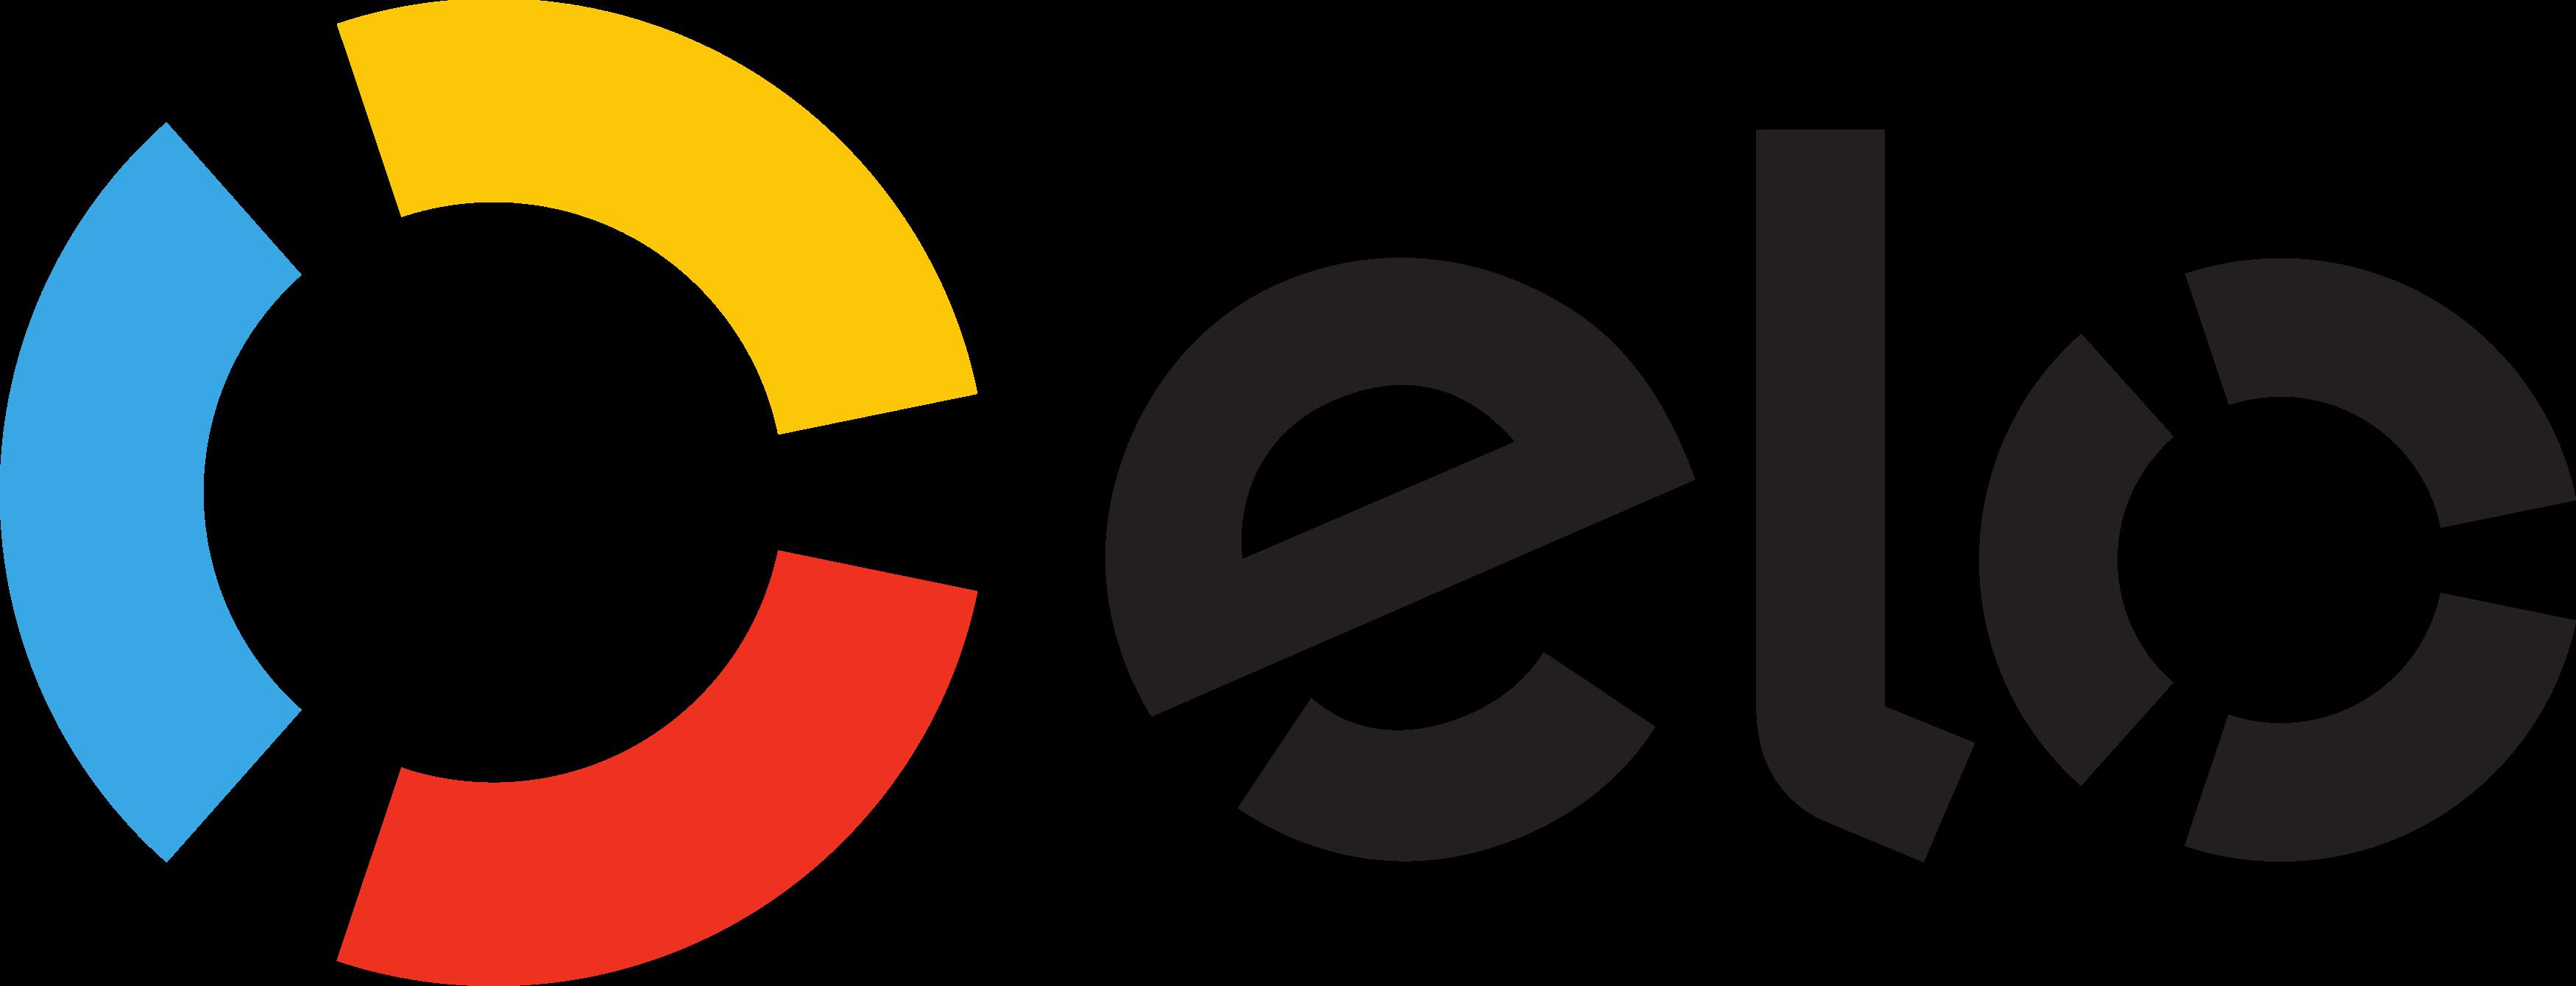 elo-logo-1